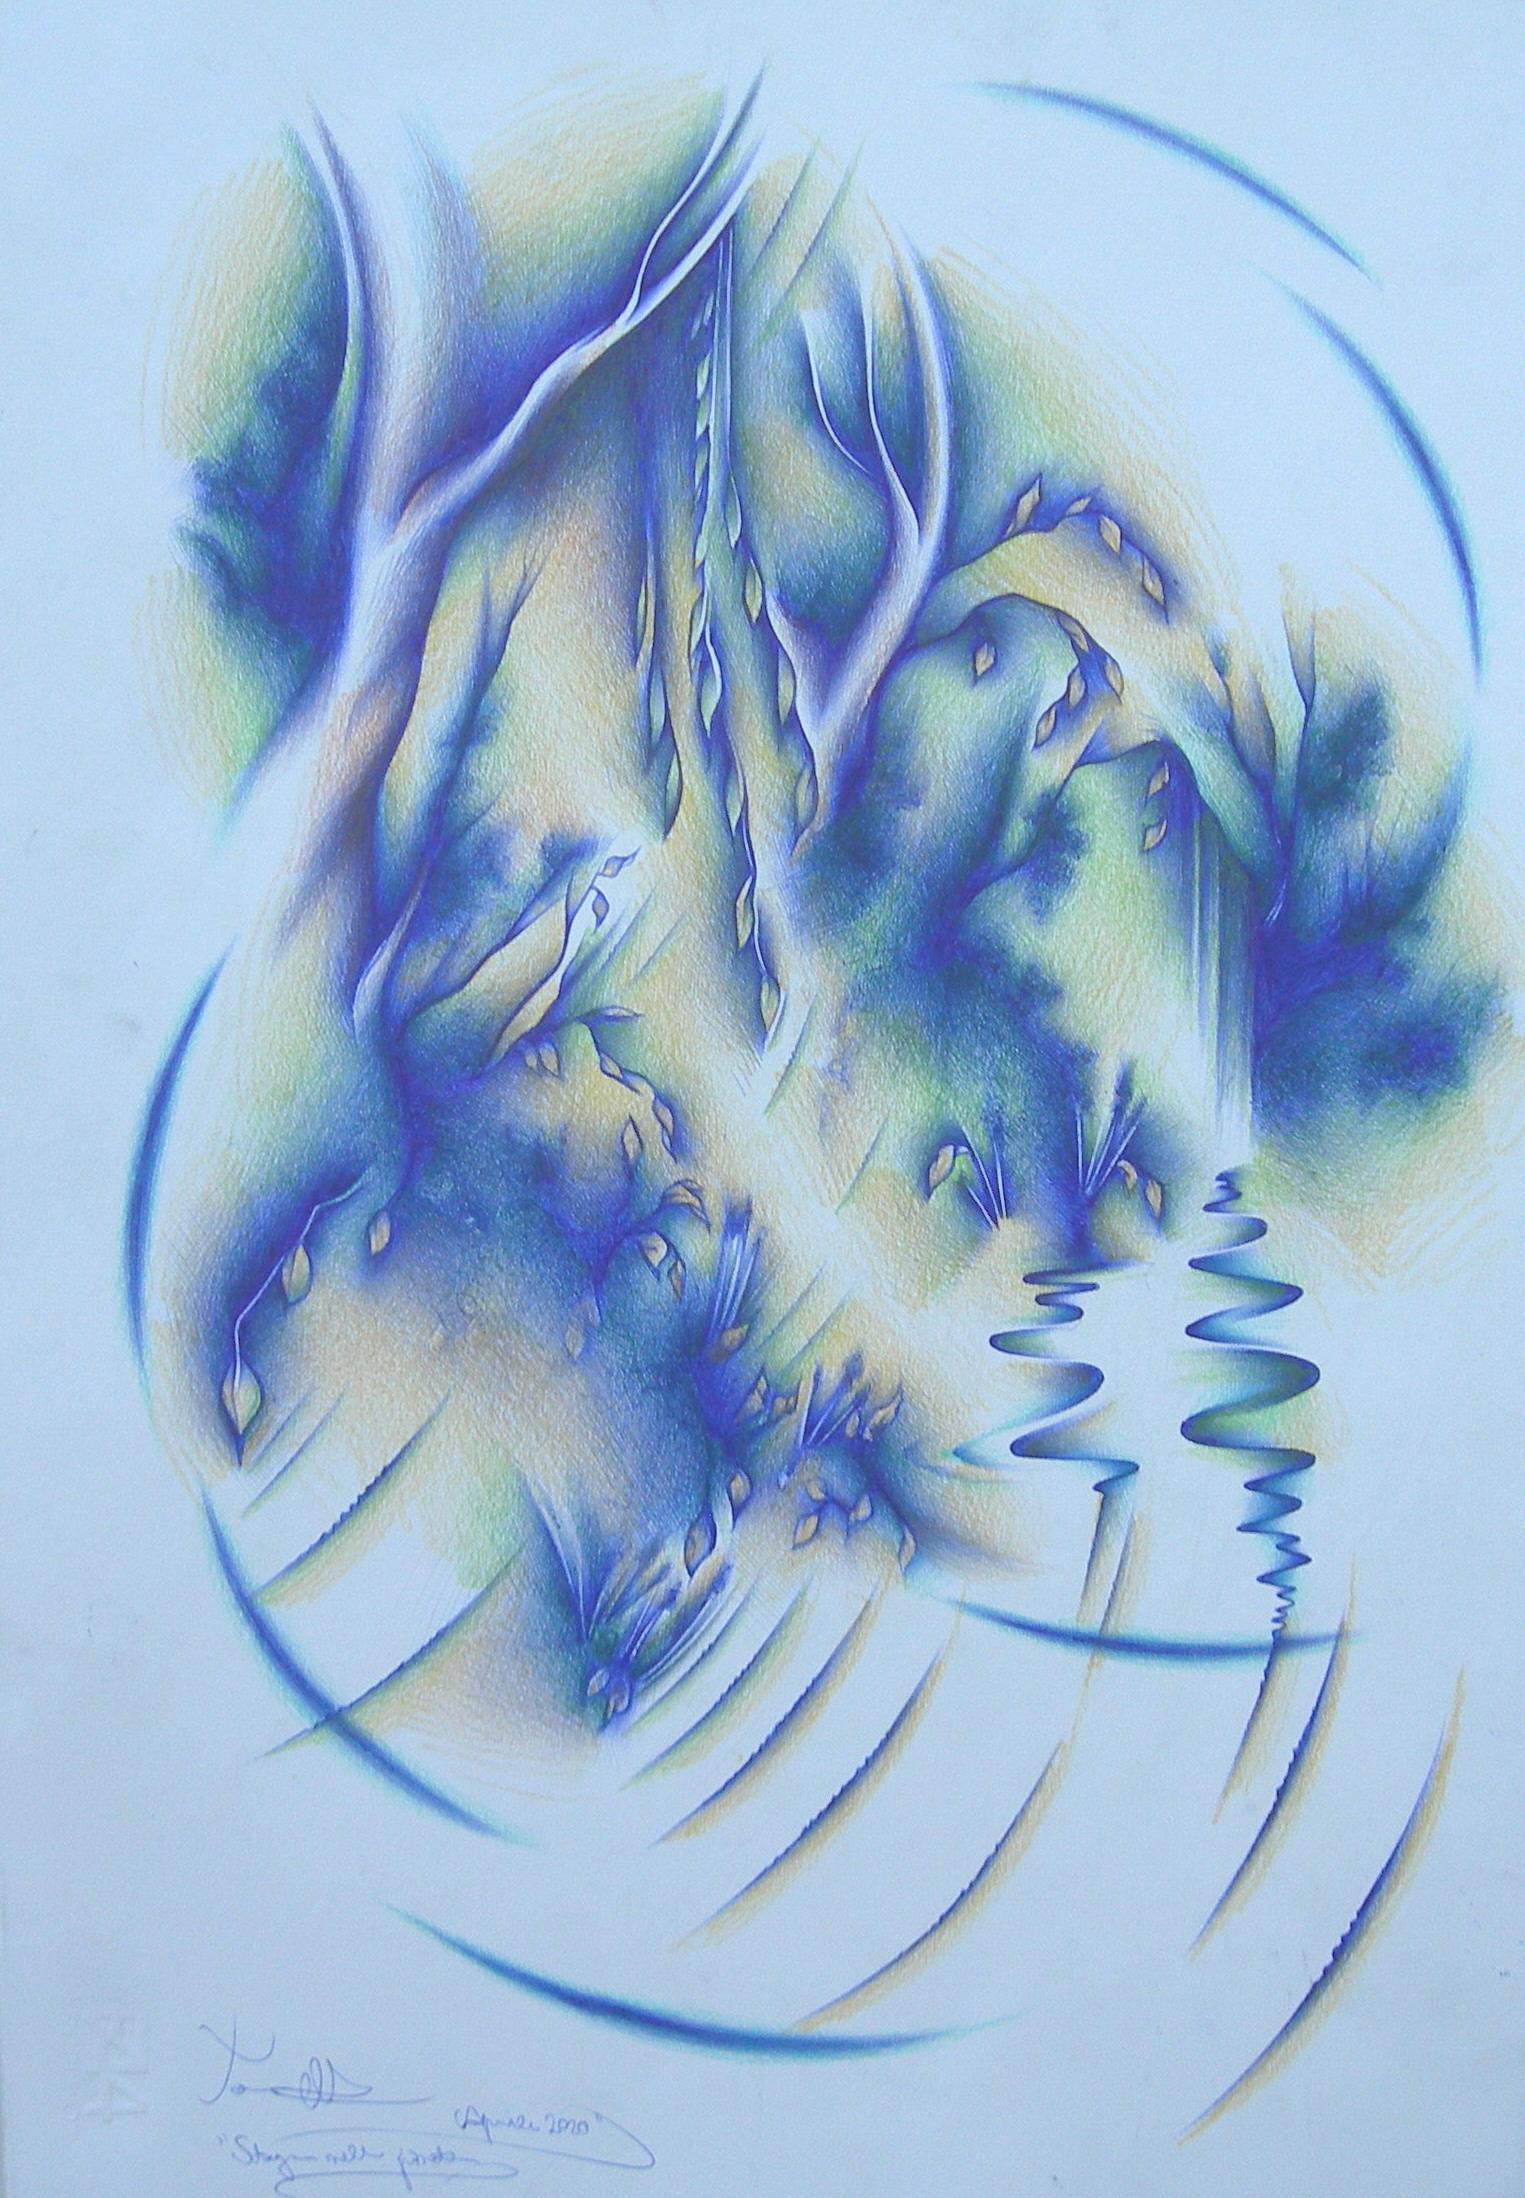 Stagno nella pineta tecn. m. su carta cm. 33x48 2020